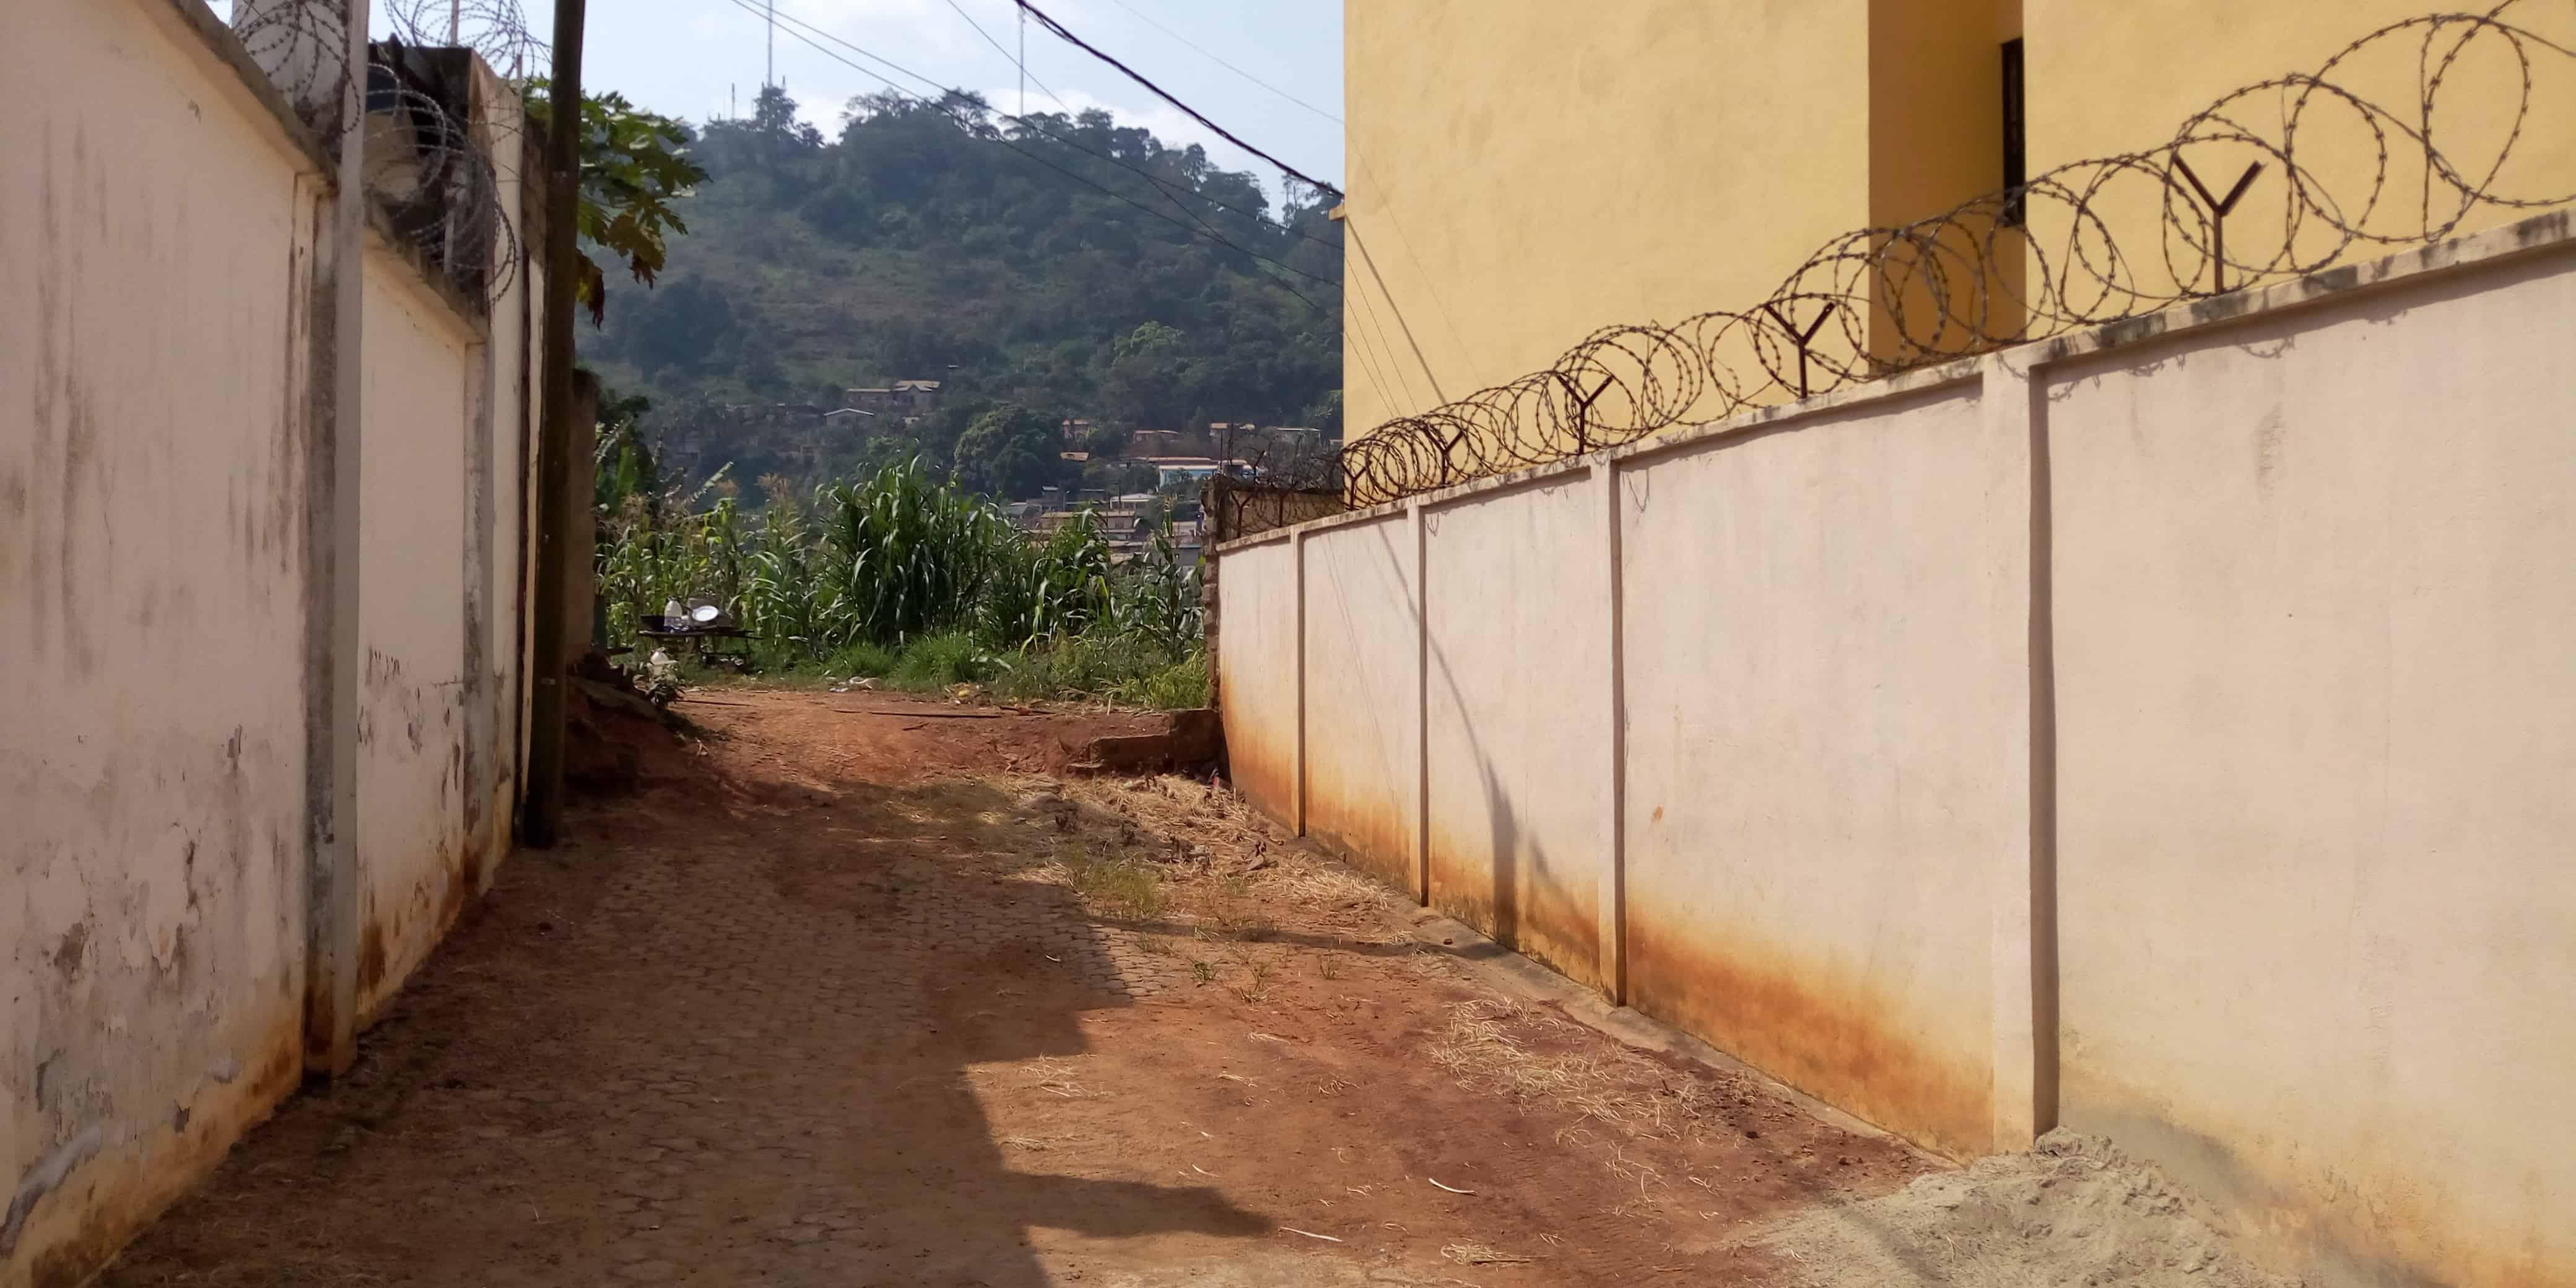 Land for sale at Yaoundé, Bastos, Terrain viabilisés a vendre Yaoundé golf club hypique - 1500 m2 - 712 500 000 FCFA